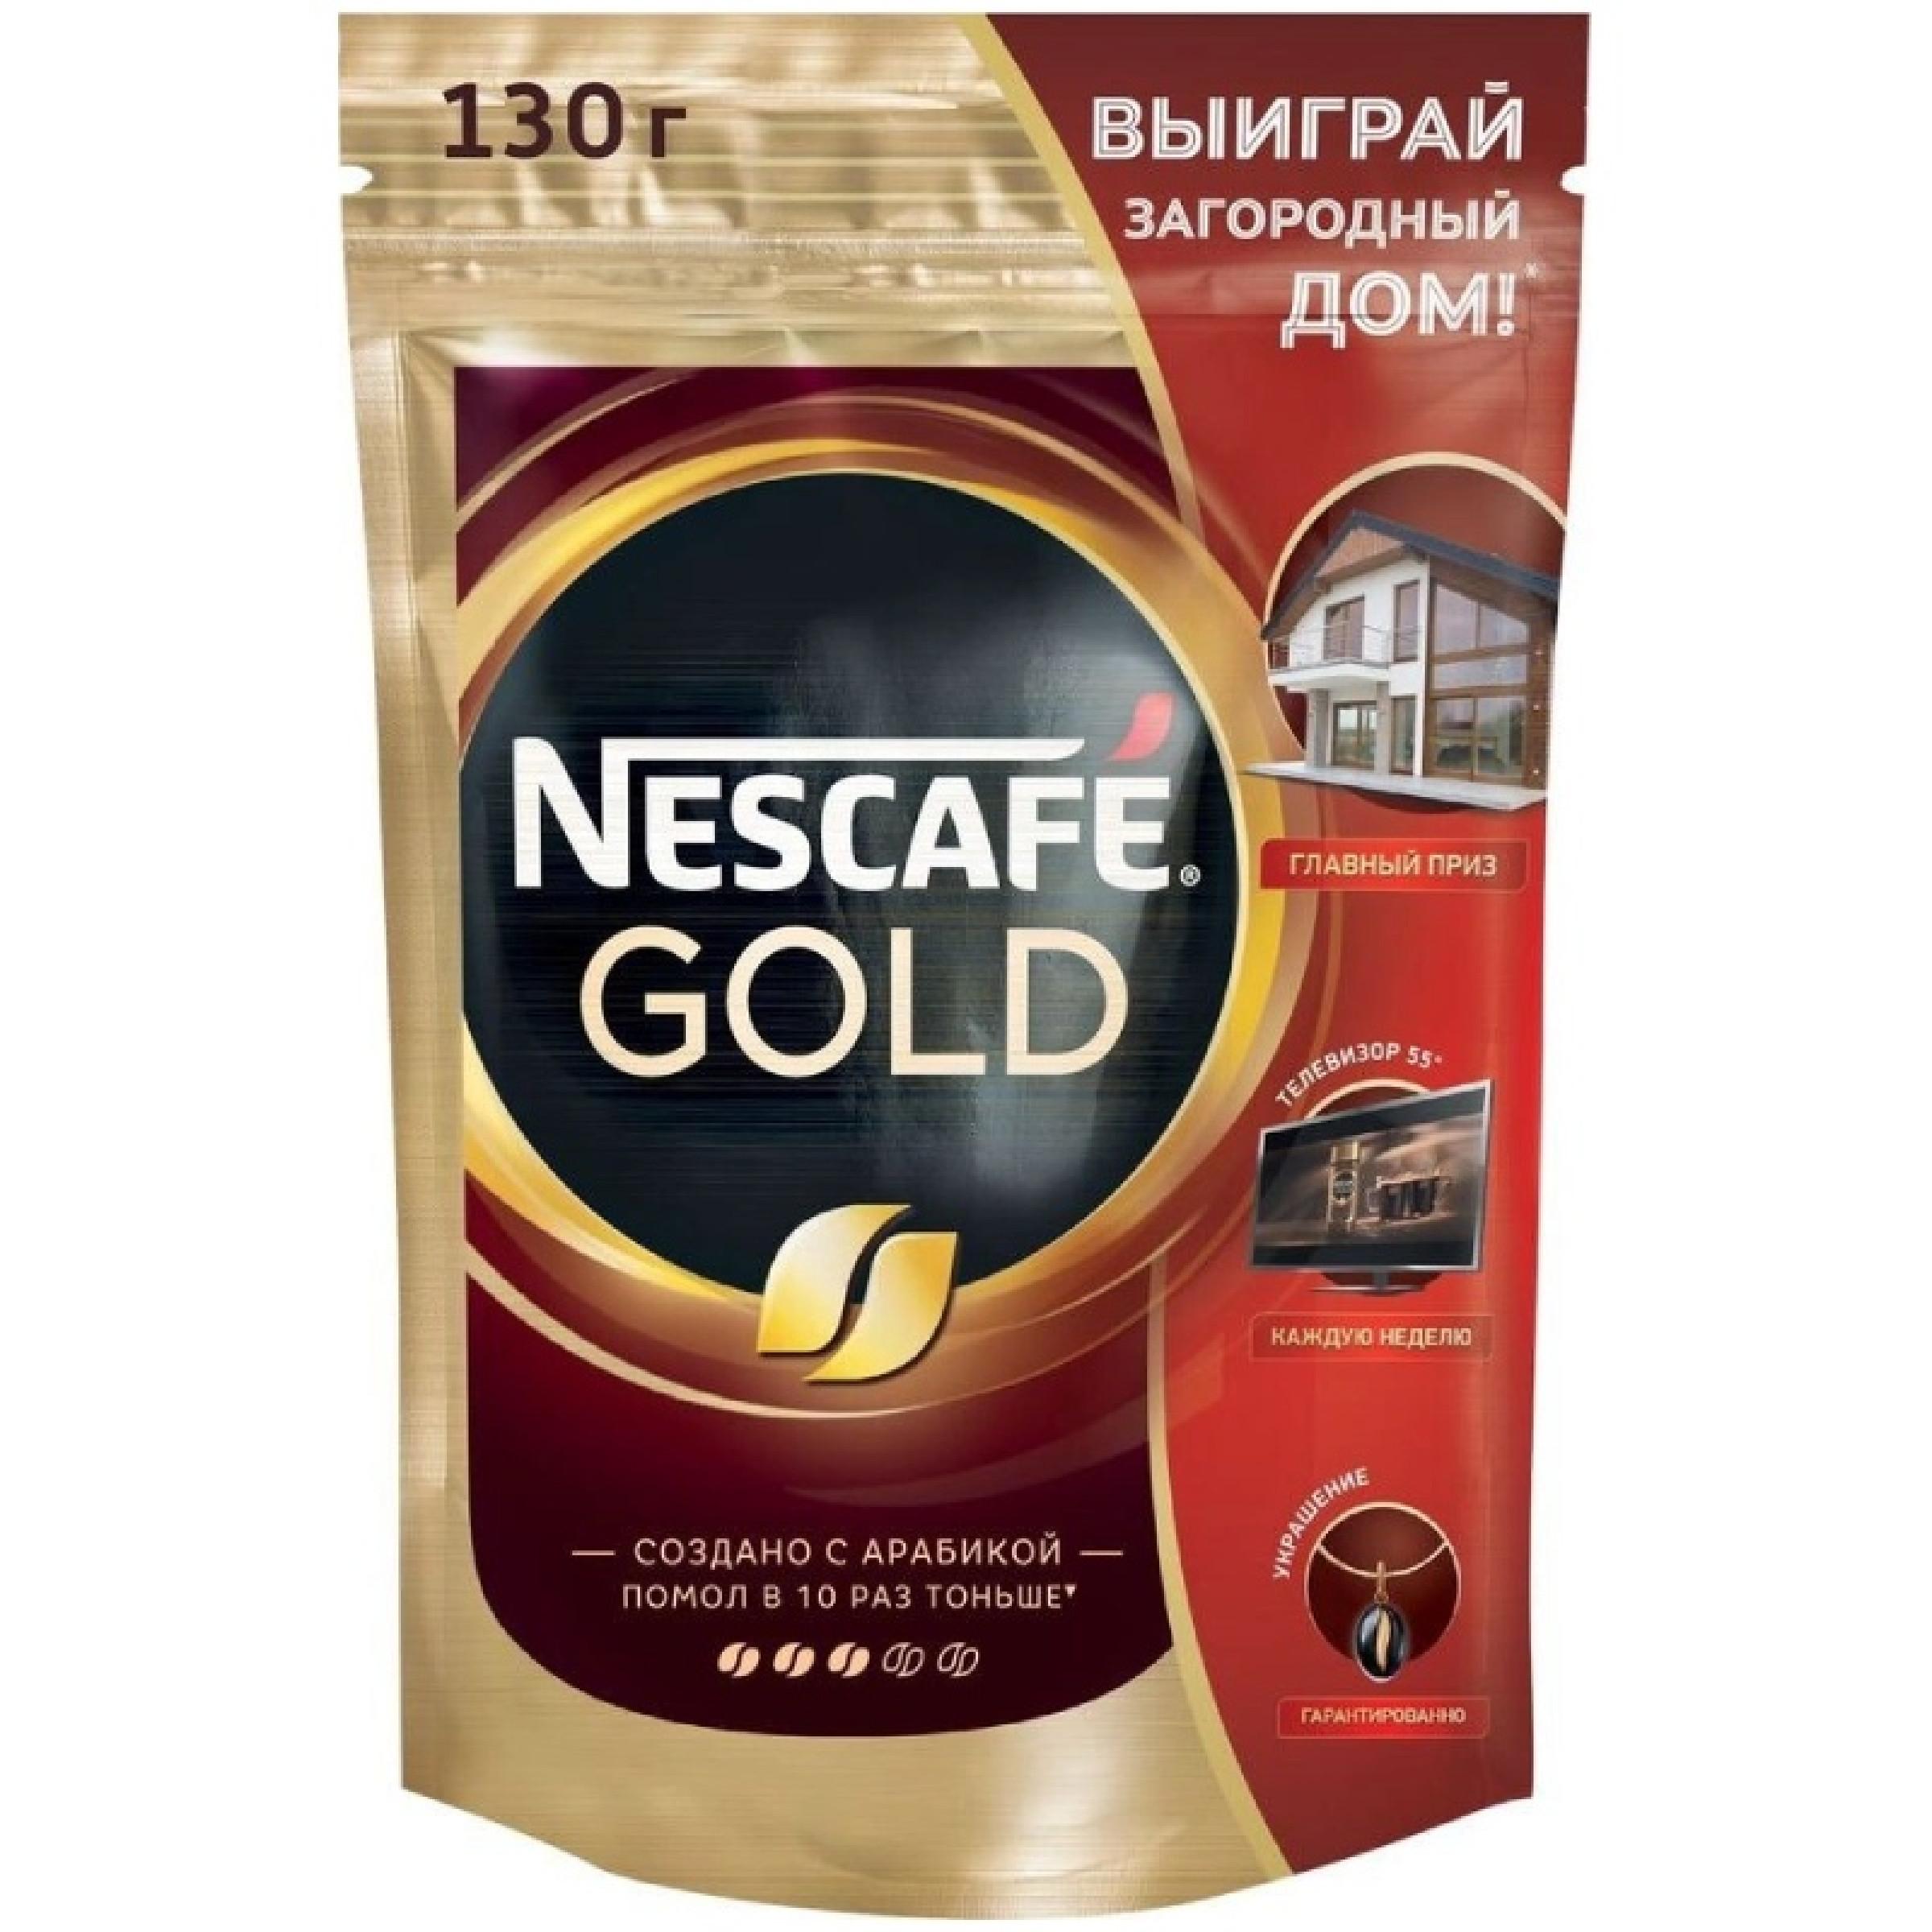 Кофе растворимый NESCAFE GOLD, 130г